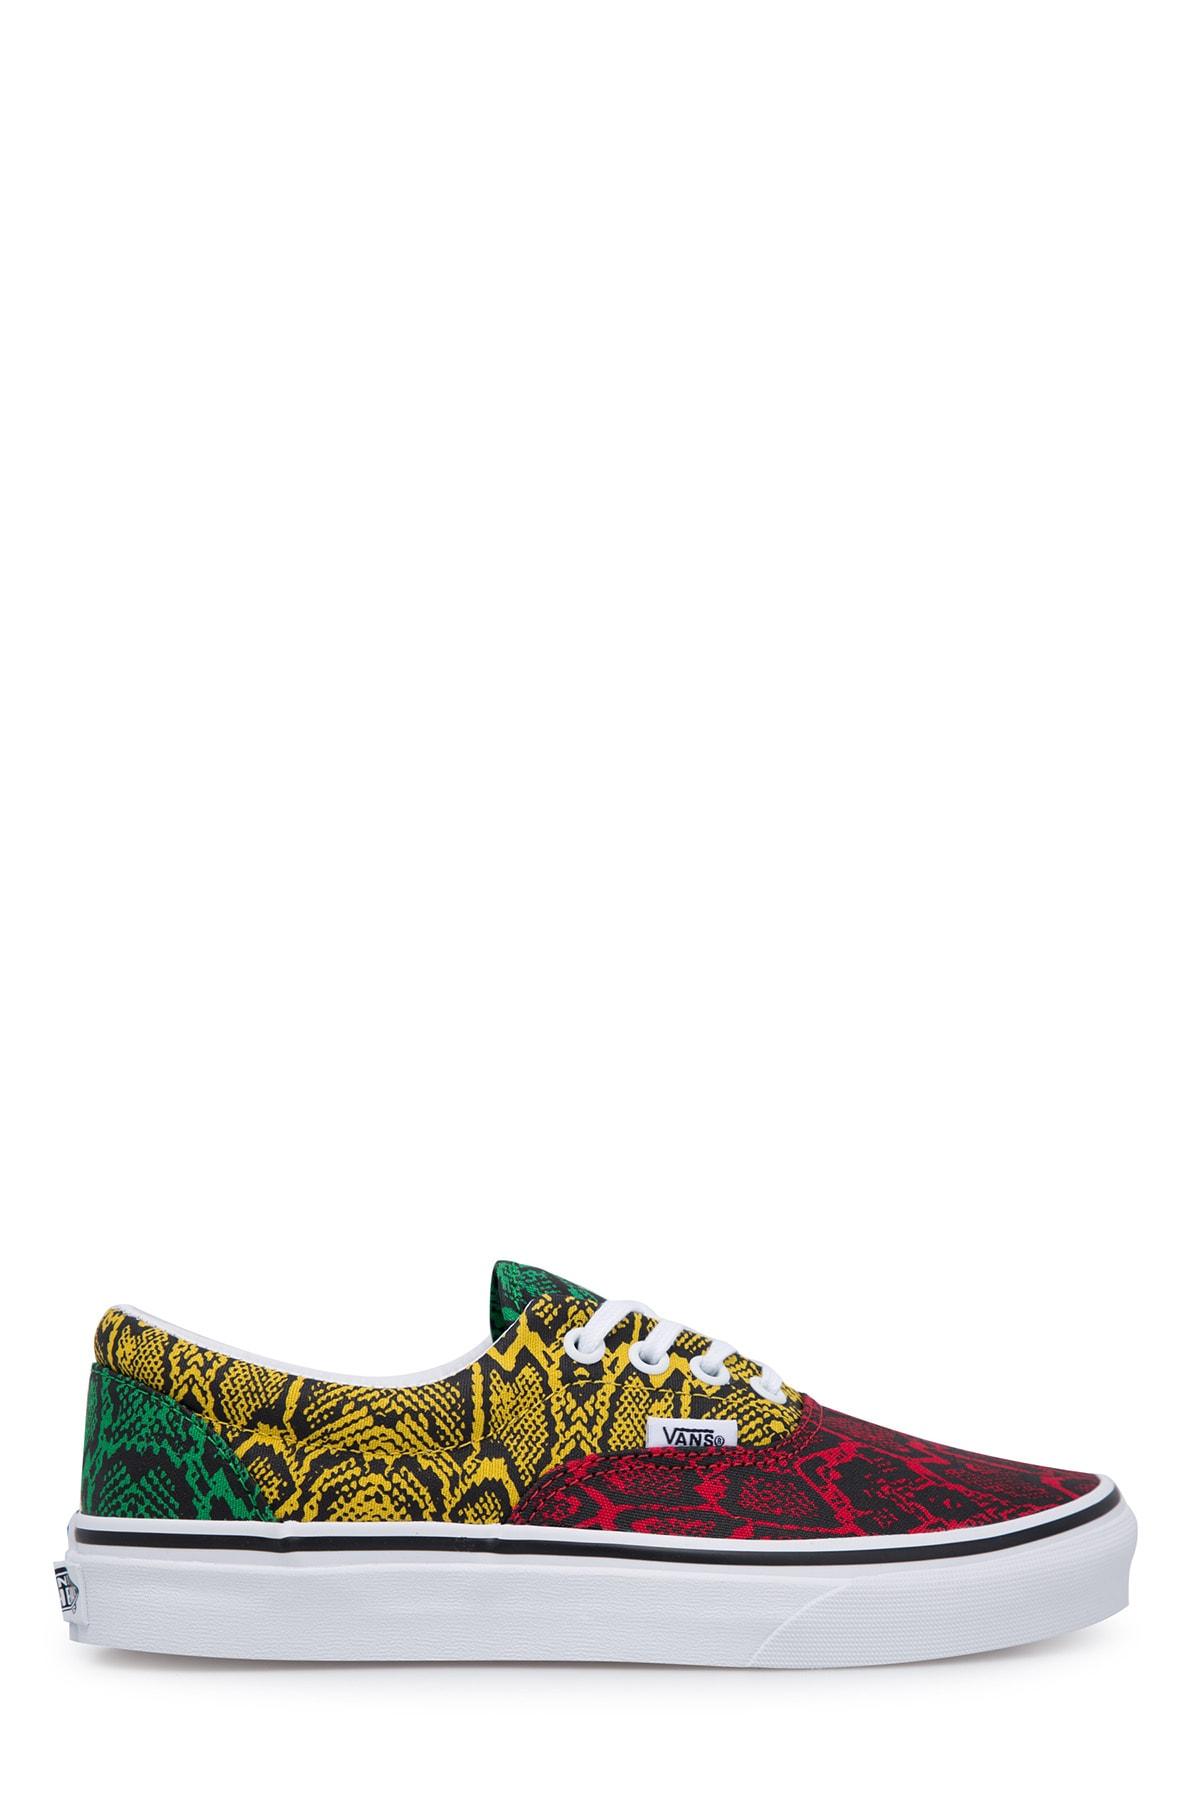 Vans UA ERA Çok Renkli Erkek Çocuk Sneaker Ayakkabı 100583598 1